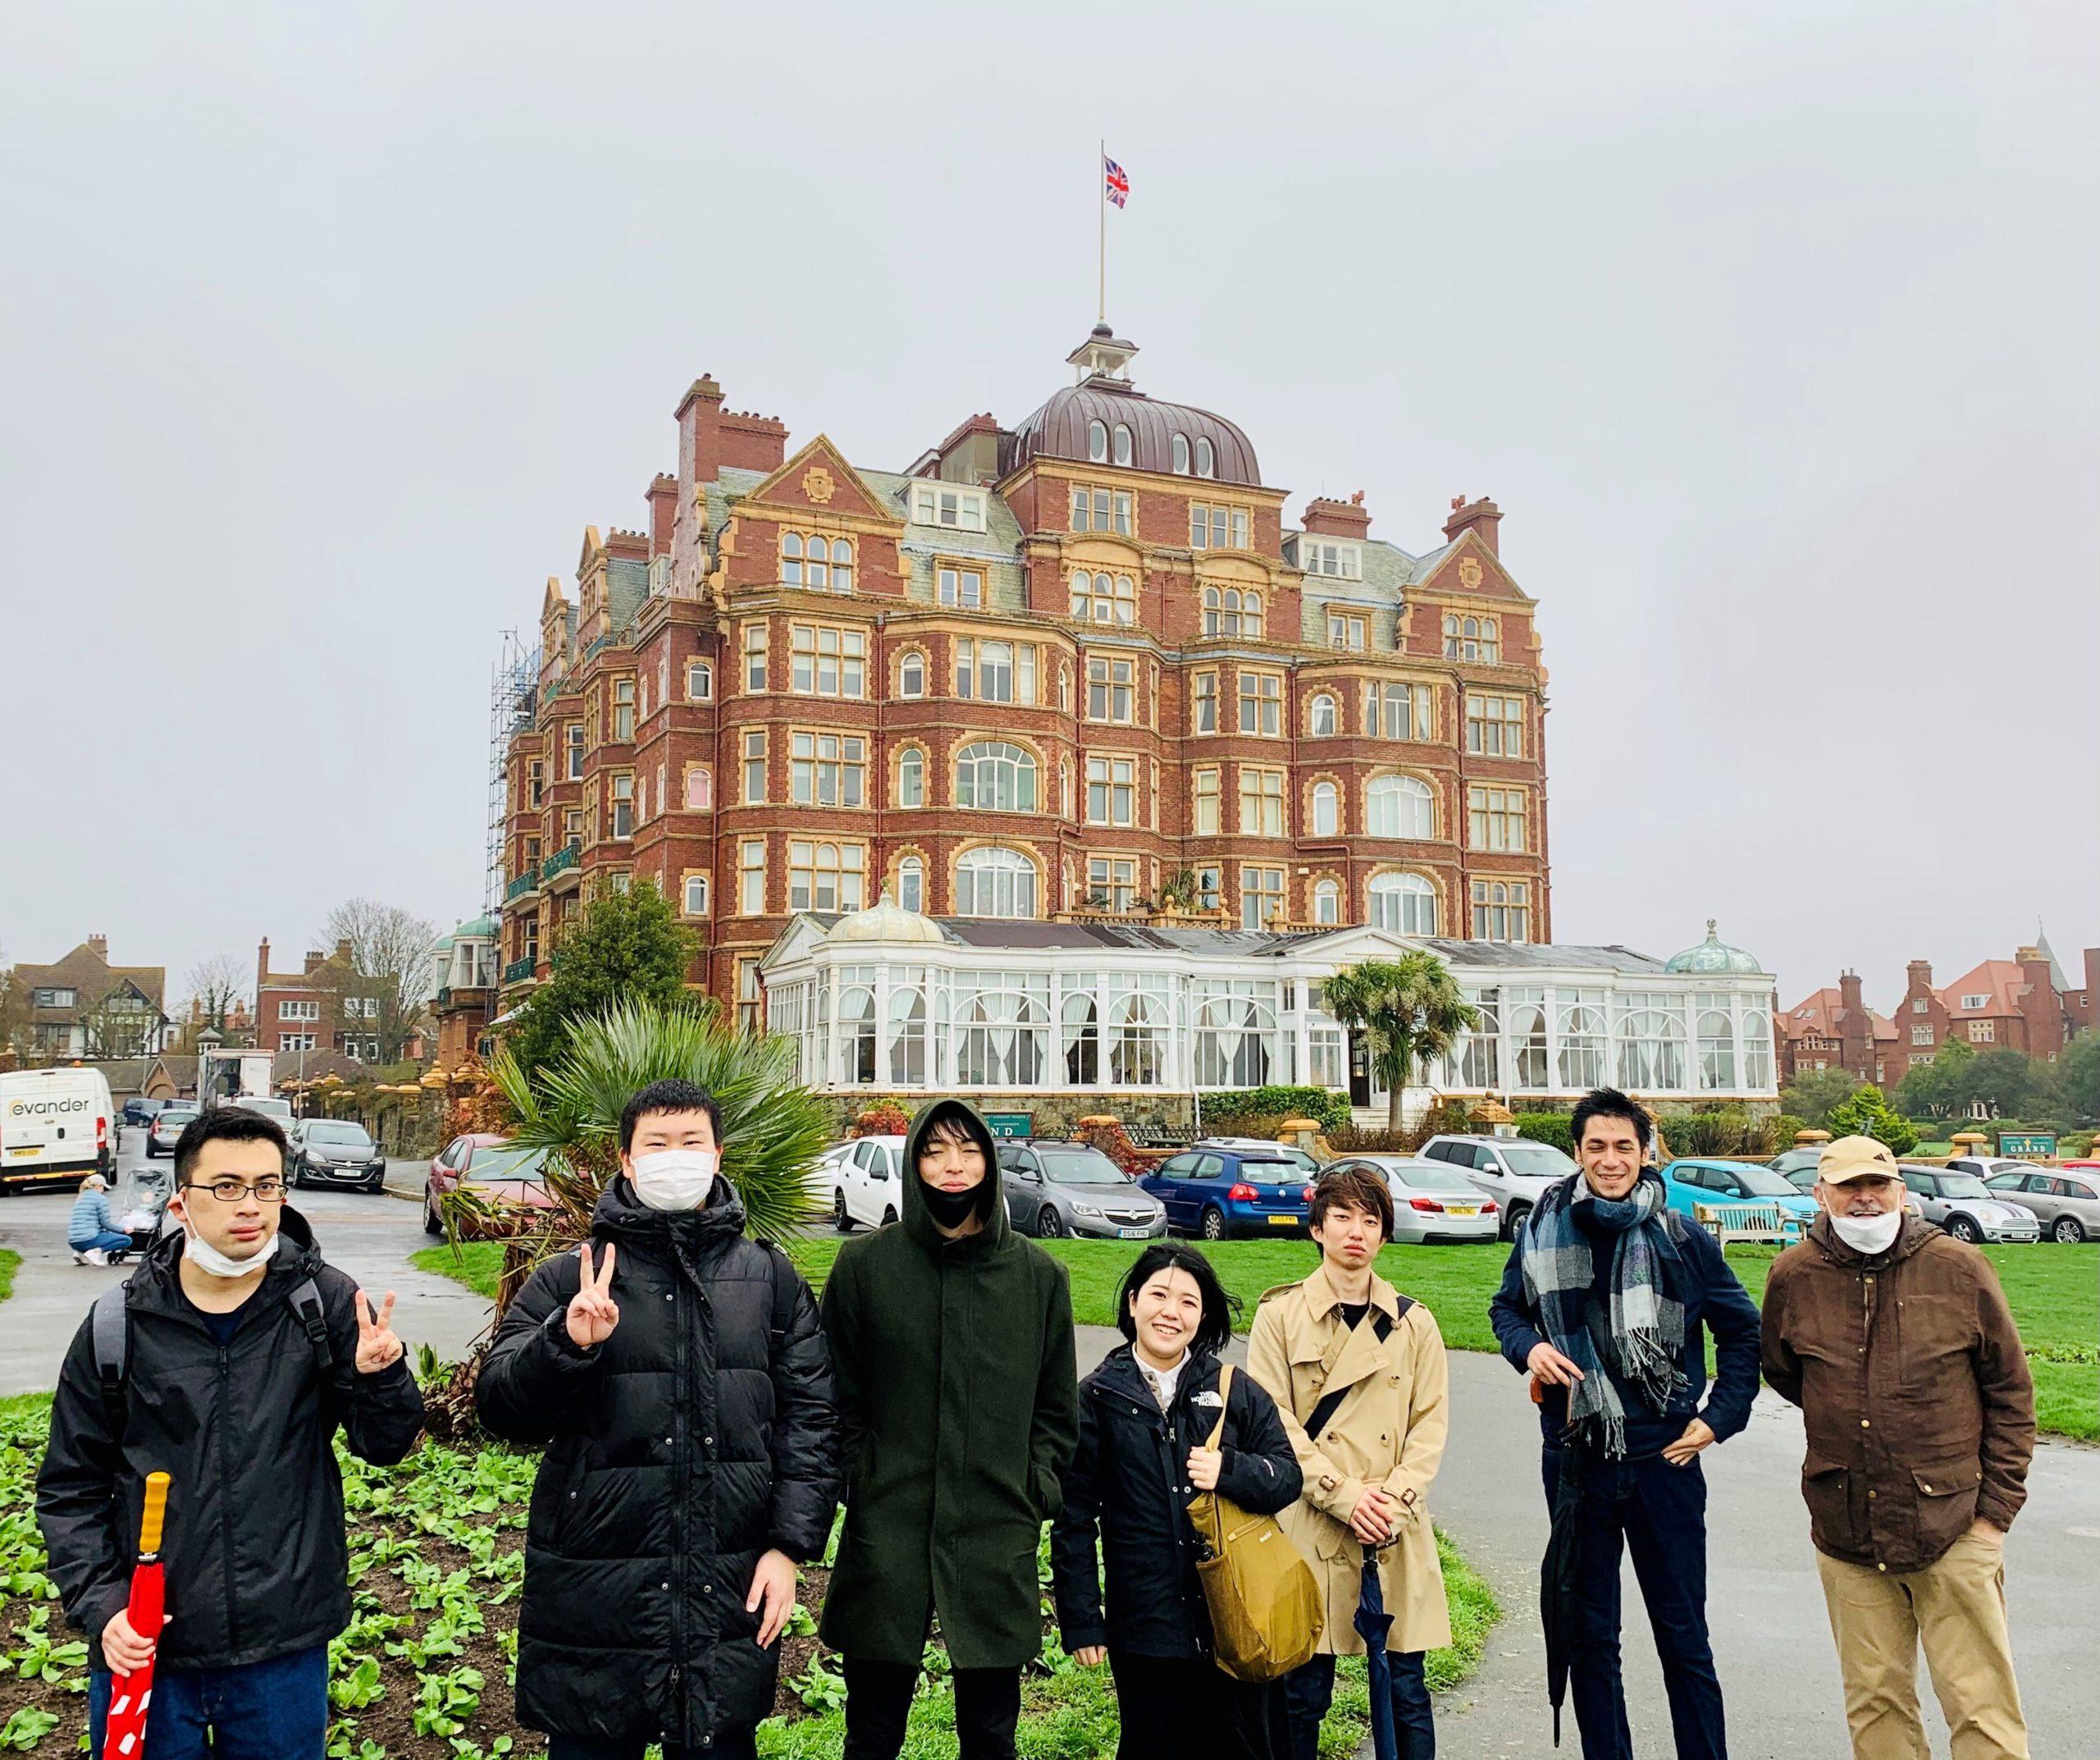 イギリス留学 放課後アクティビティのウォーキングツアー | 代々木グローバル高等学院[公式]